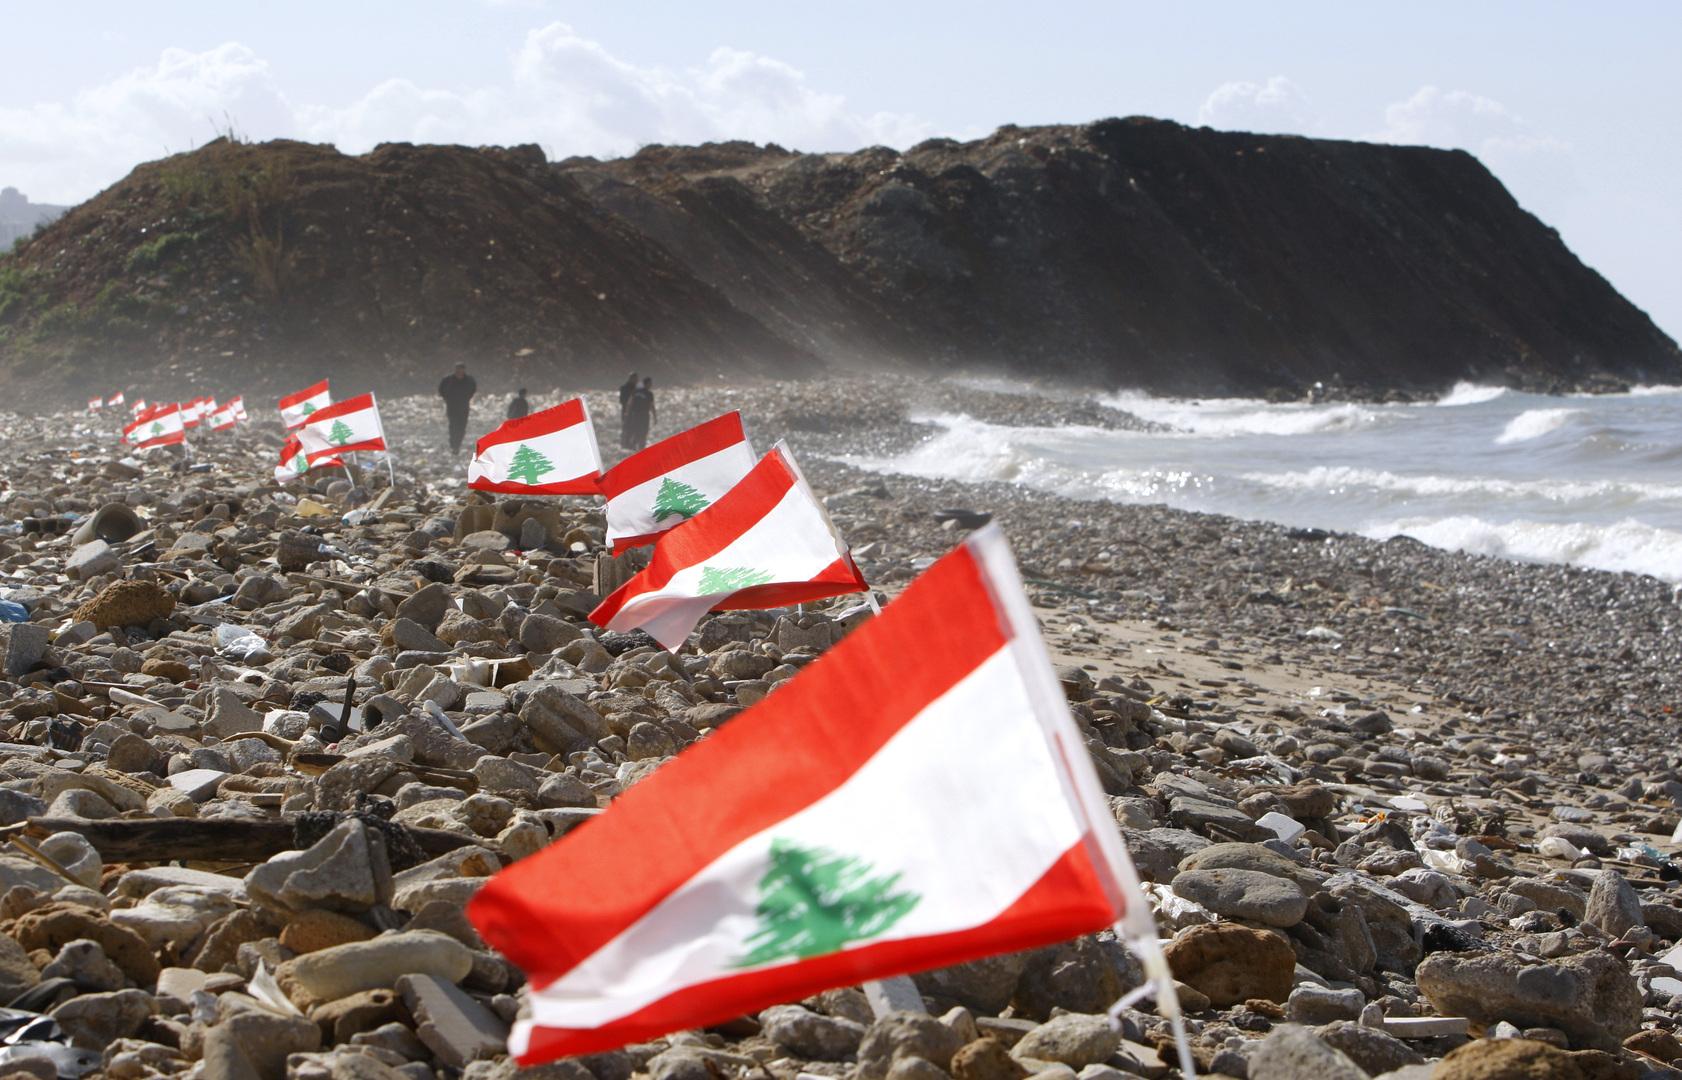 لبنان يعلن توقيع تعديل لتوسيع المنطقة البحرية المتنازع عليها مع إسرائيل